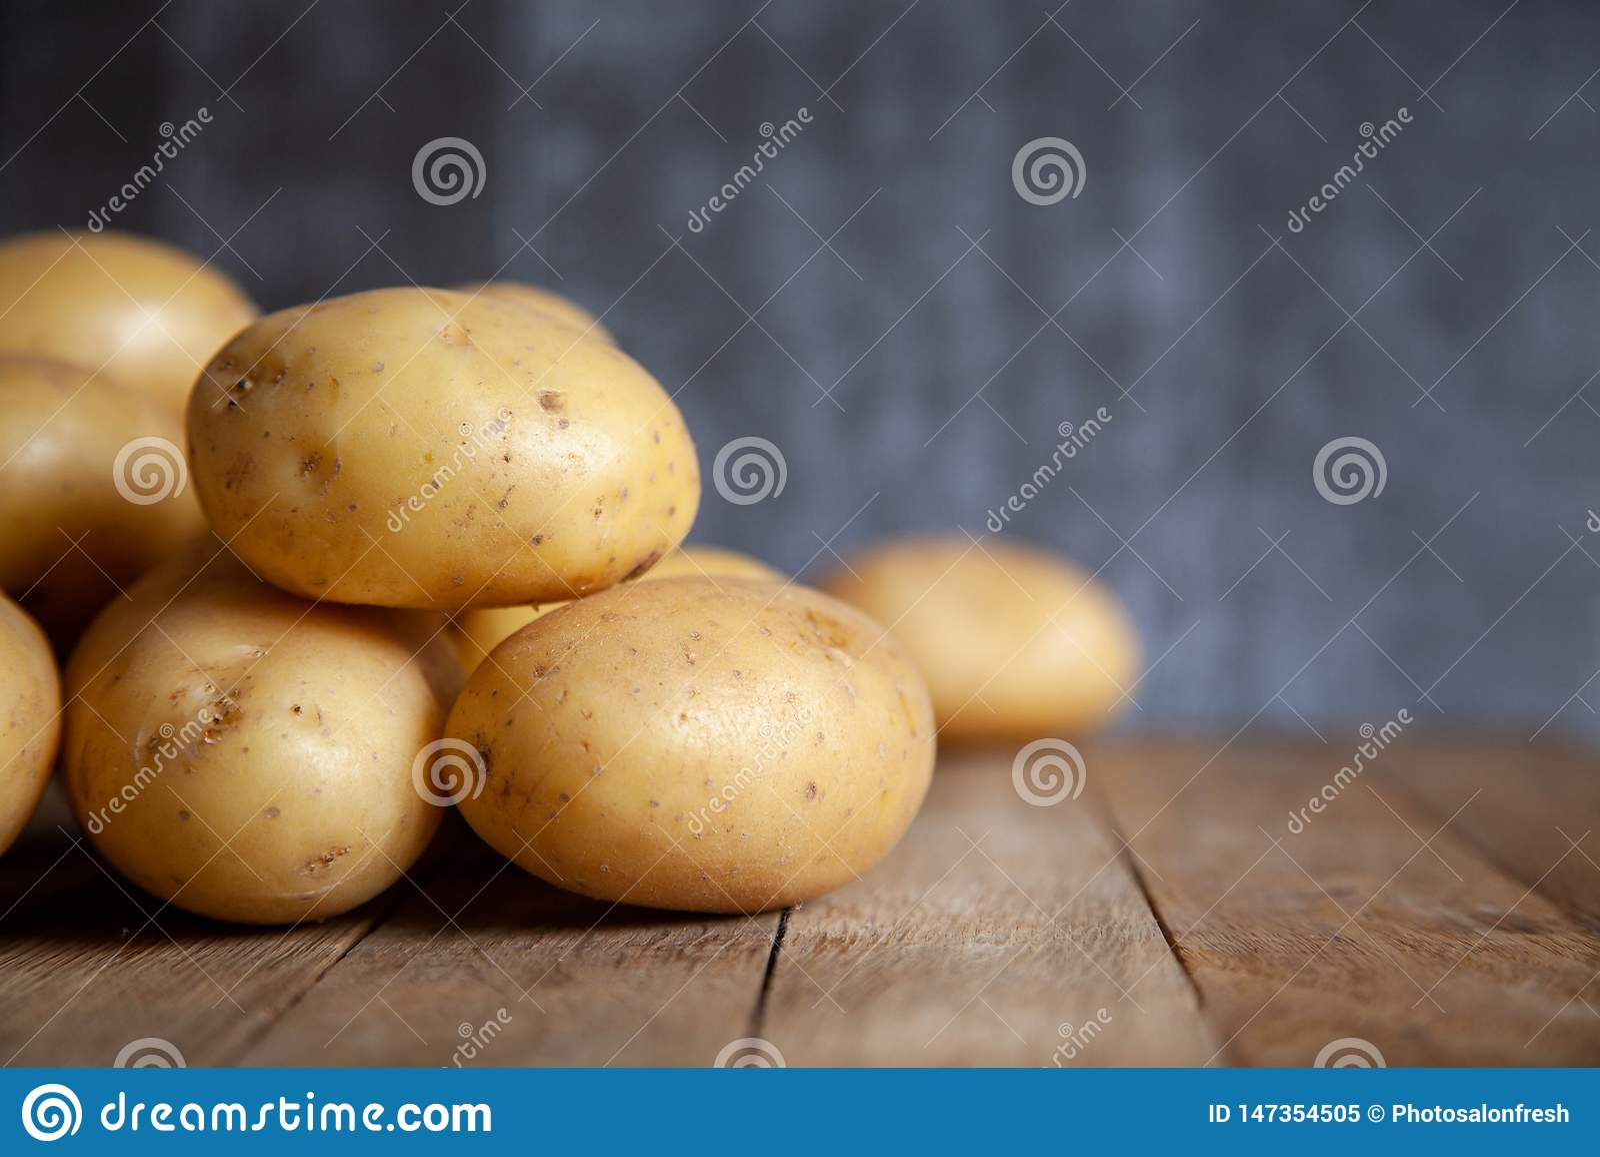 Stapel von Kartoffeln auf altem Holztisch